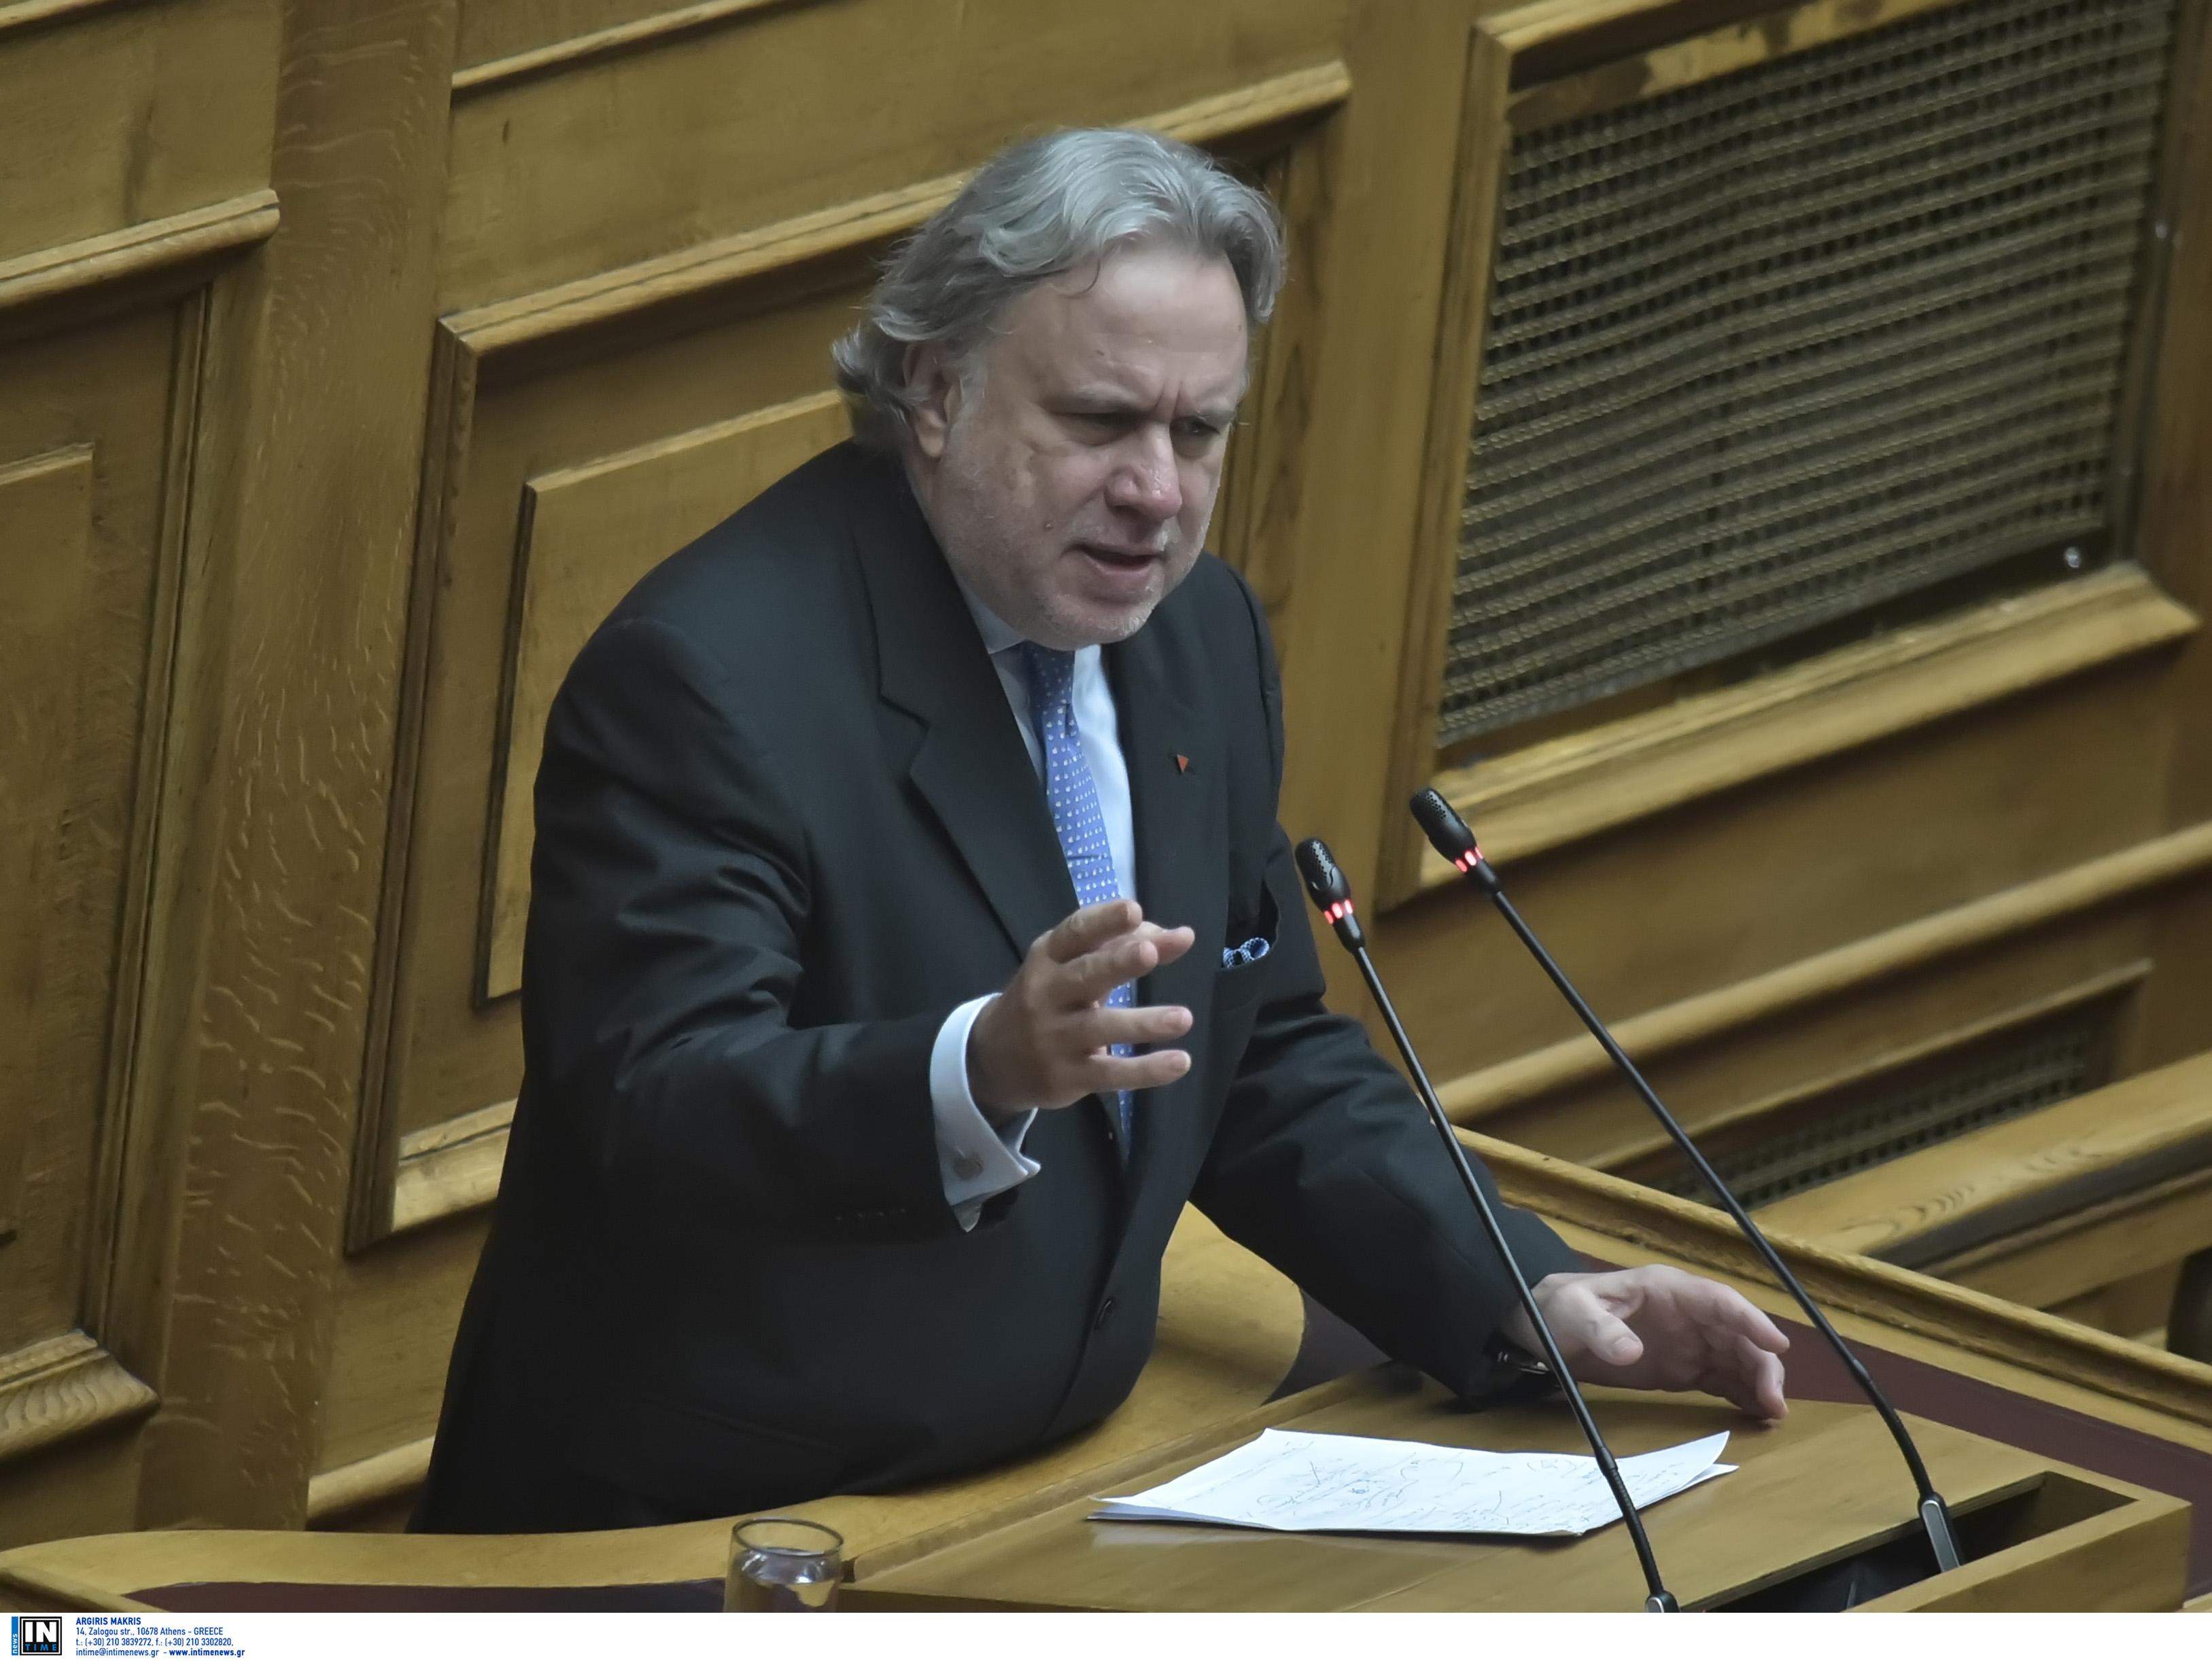 ΣΥΡΙΖΑ: Σύγκληση του ΚΥΣΕΑ ζητά ο Κατρούγκαλος